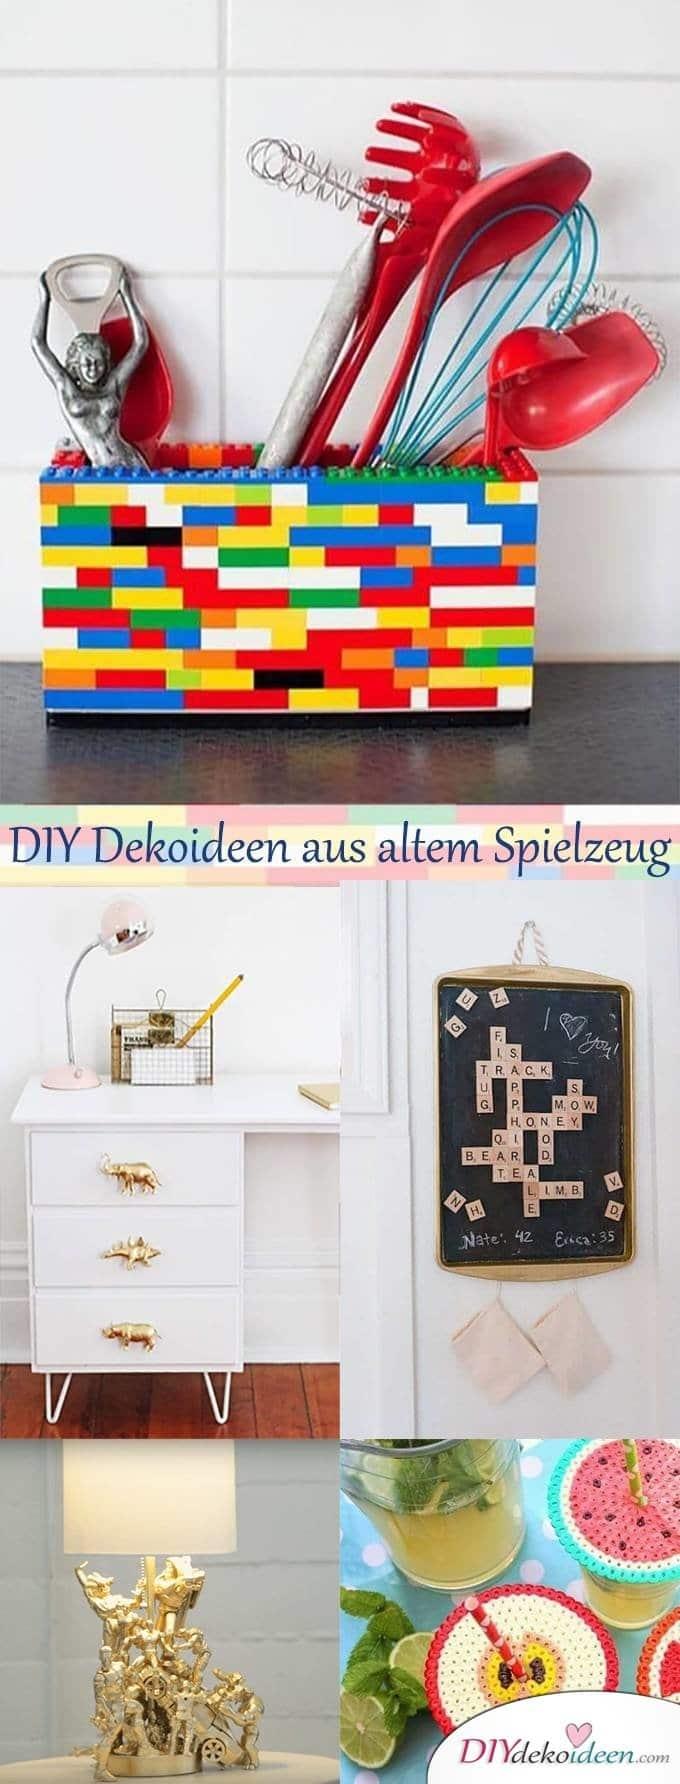 10+1 diy ideen wie du spielzeug wiederverwenden kannst!